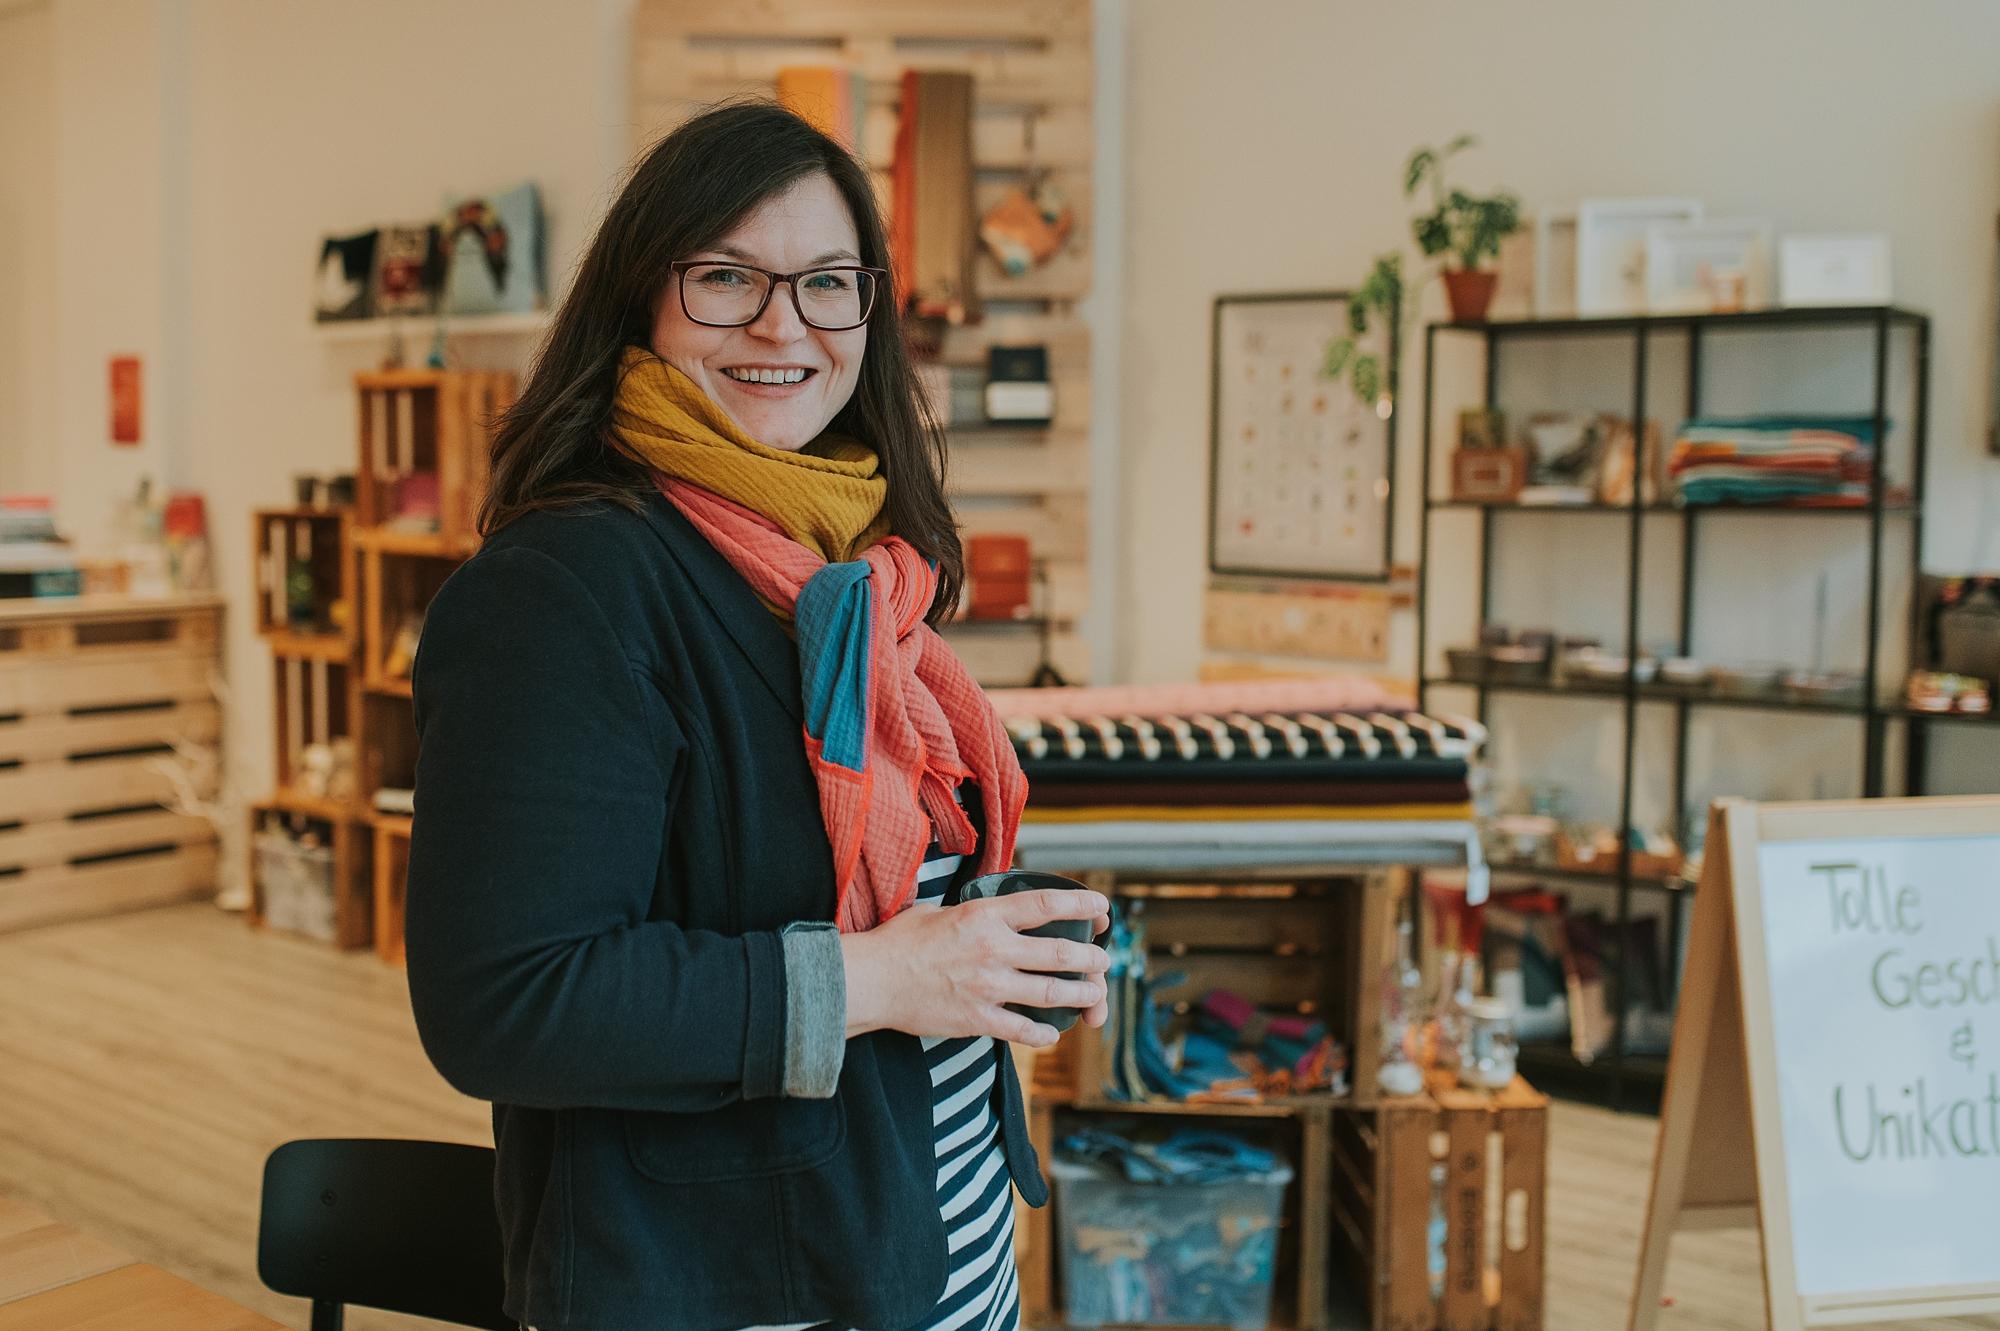 Daniela Frackmann von der MachBar in Bad Oldesloe